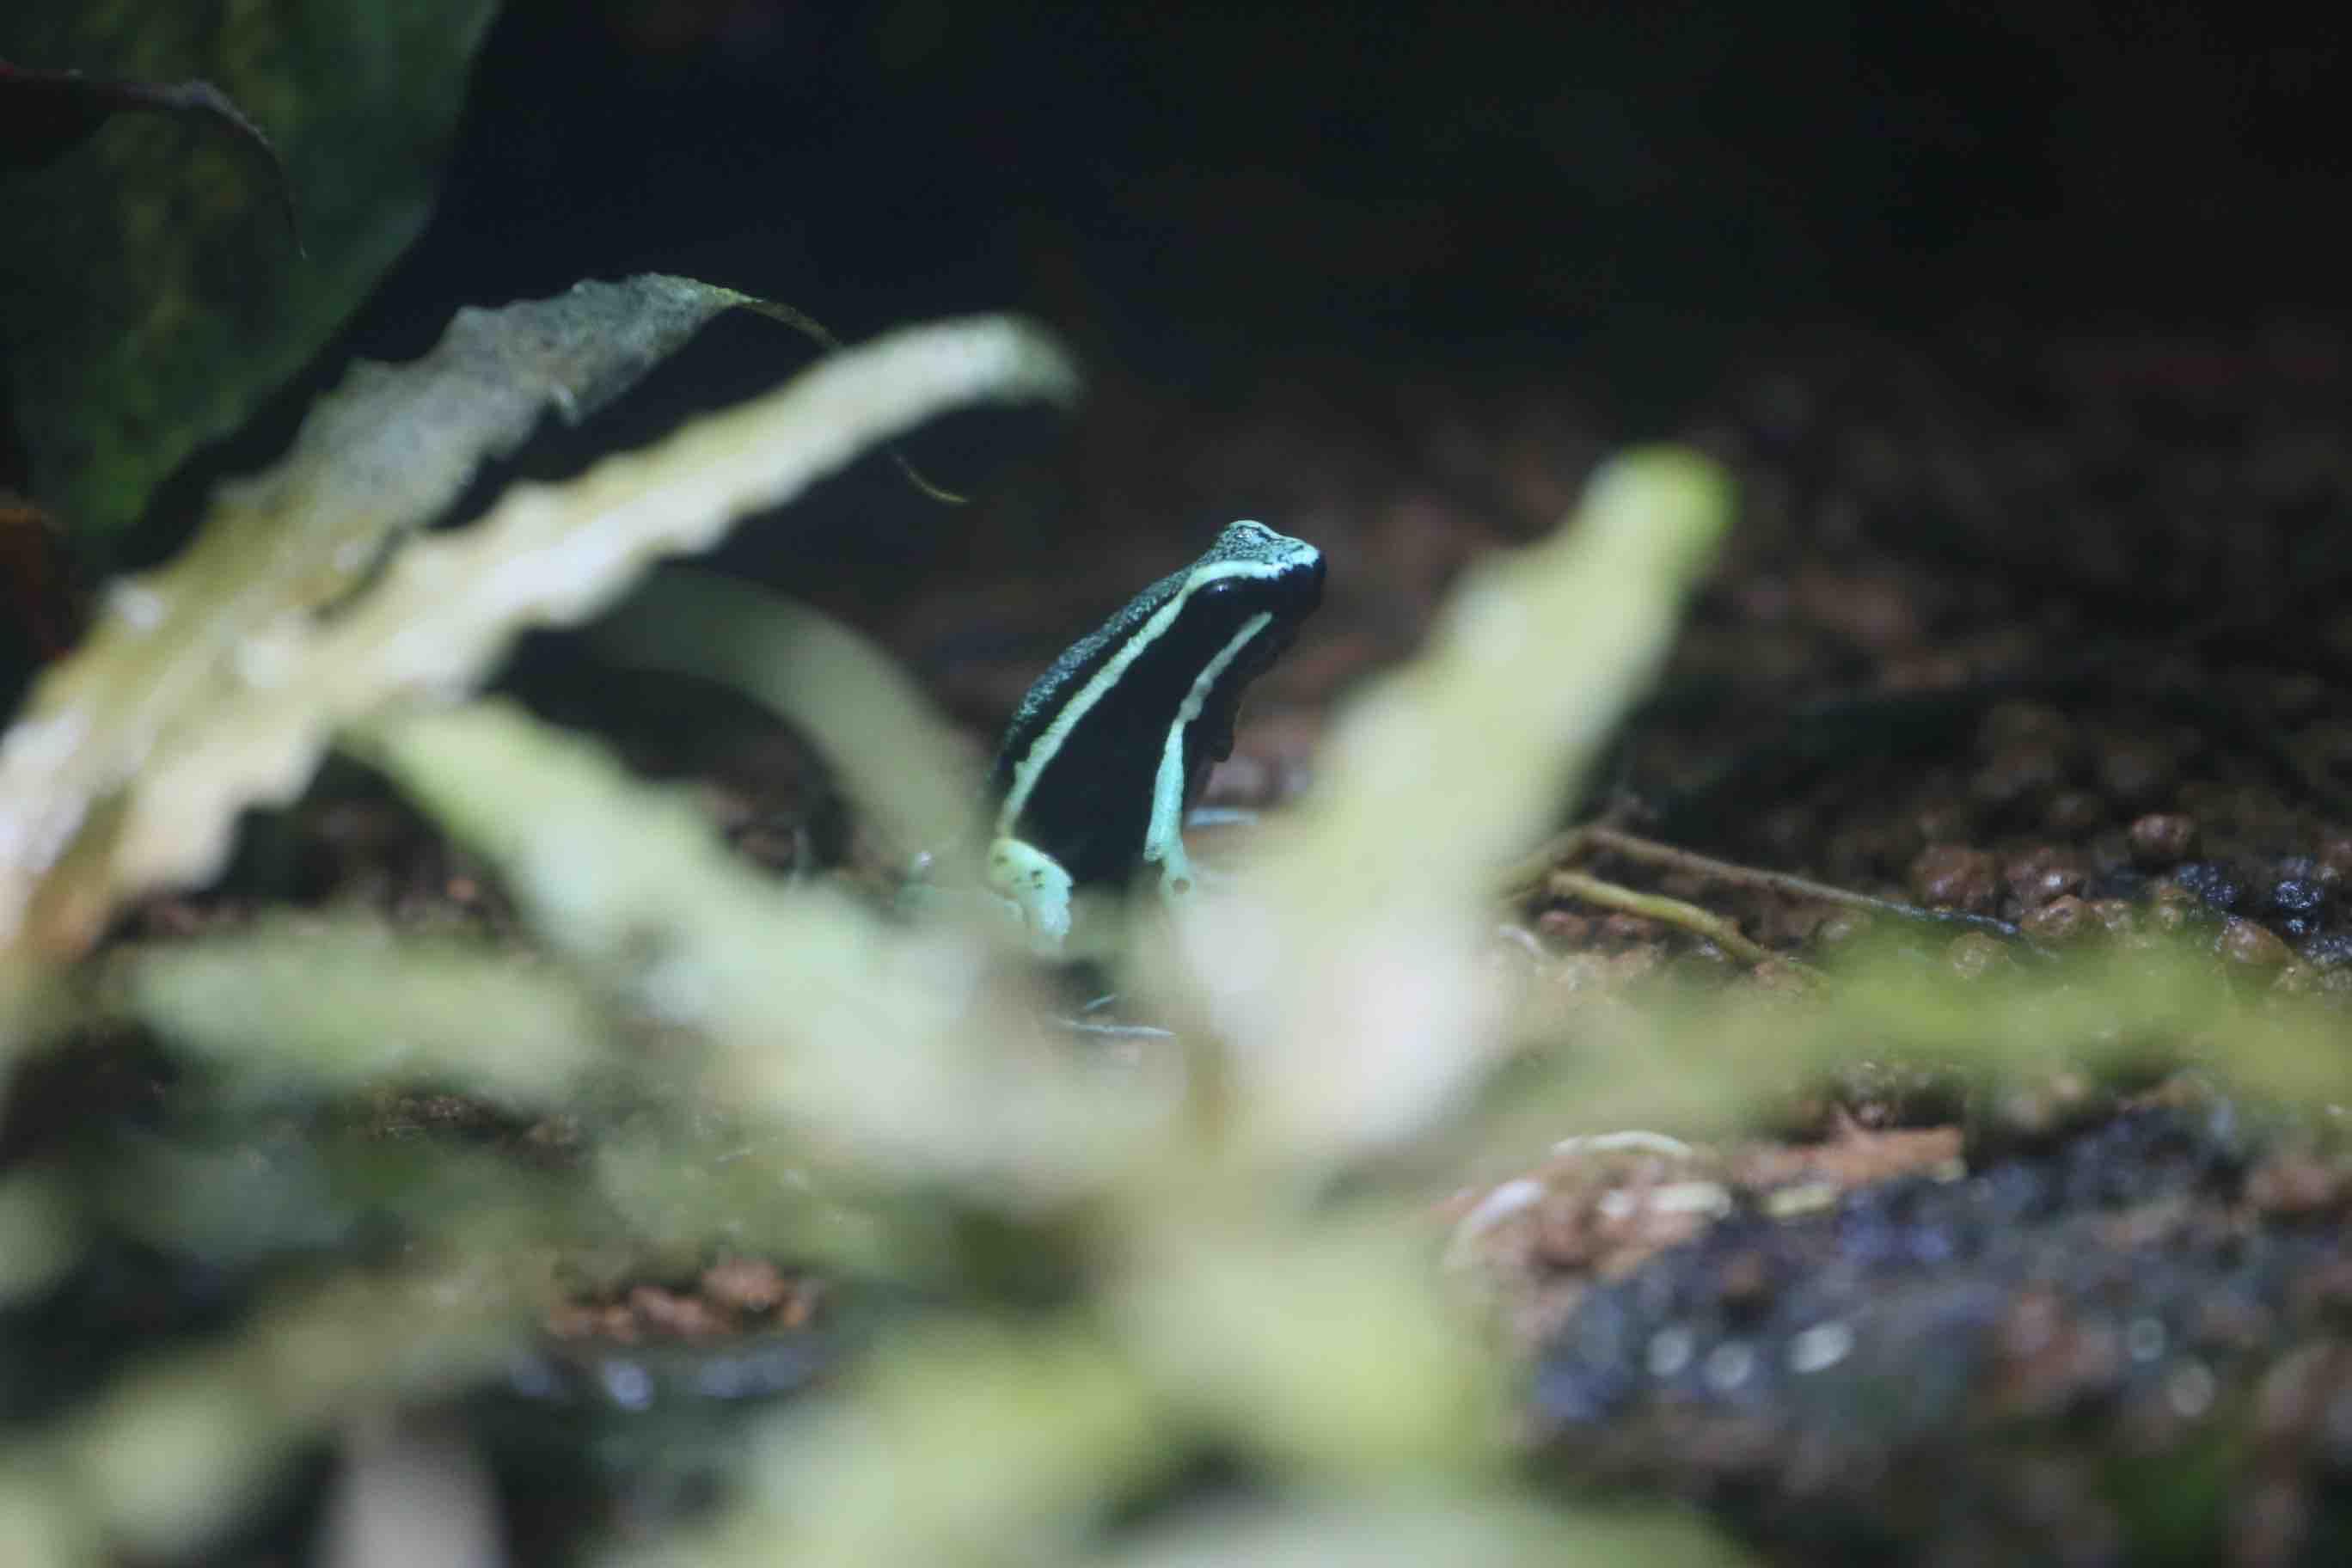 ヤドクガエル -ワンダーゾーン 多様な生態-